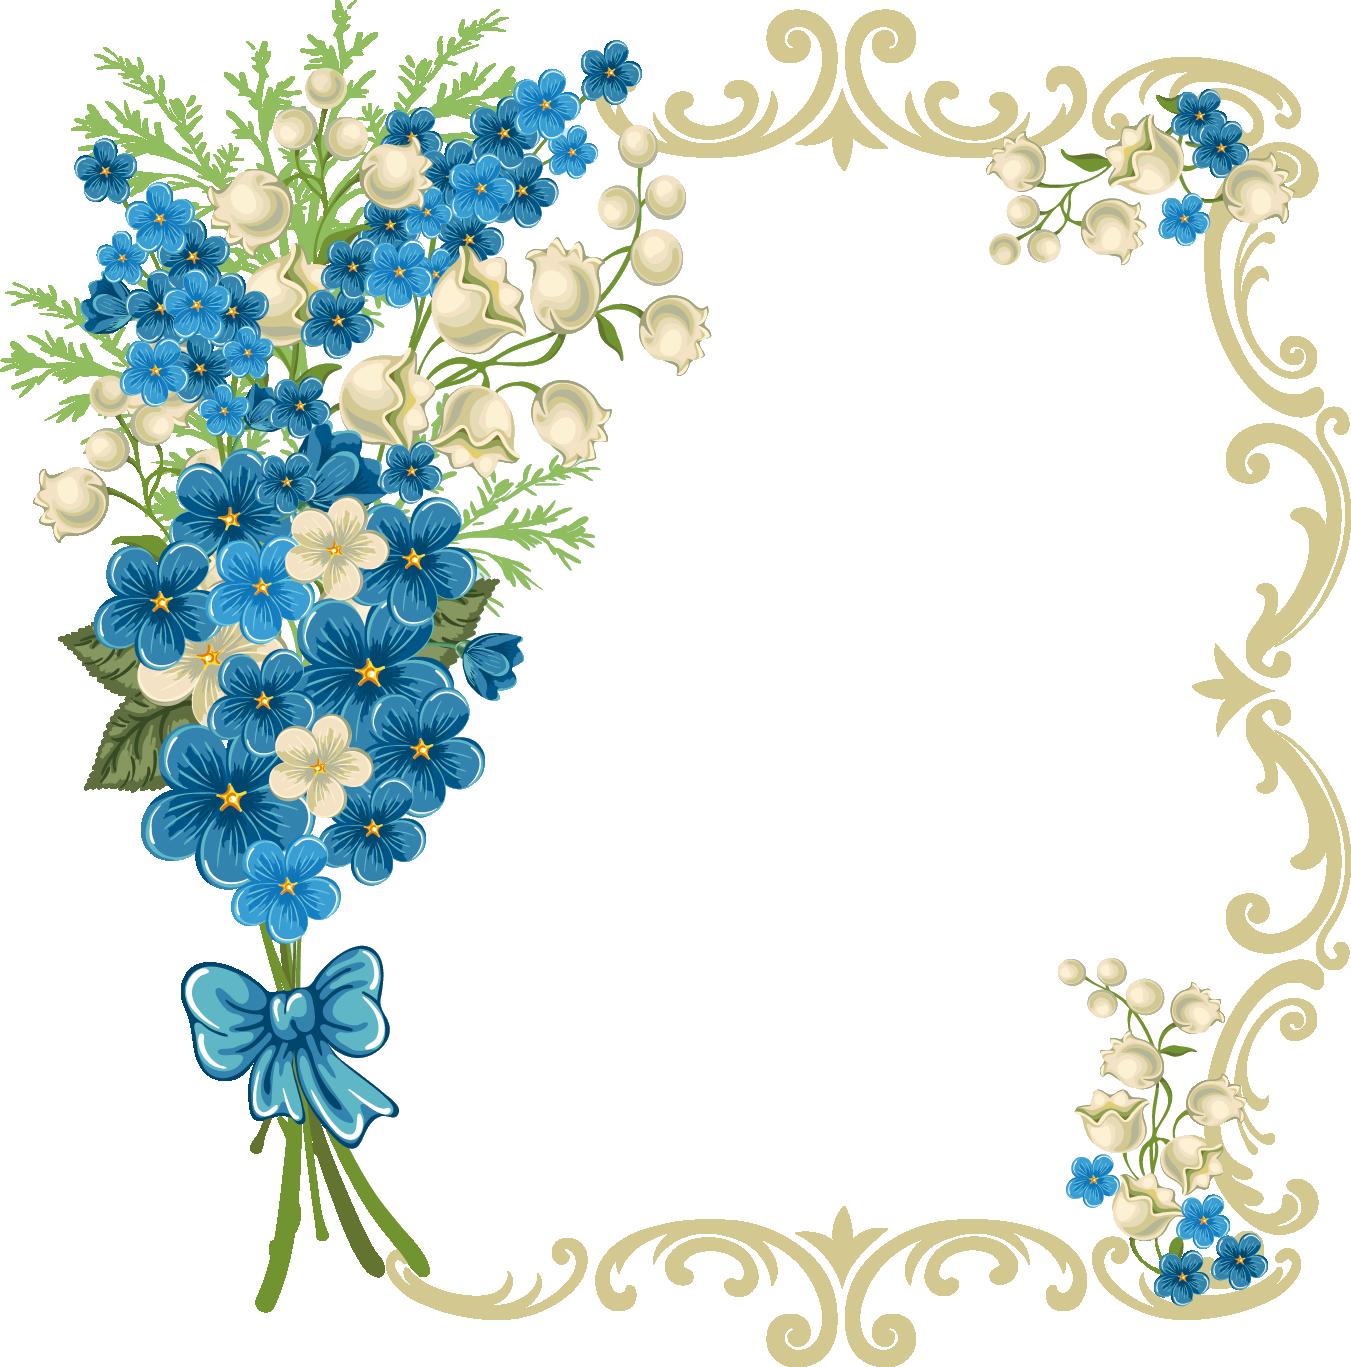 Border free download best. Clipart frame blue flower